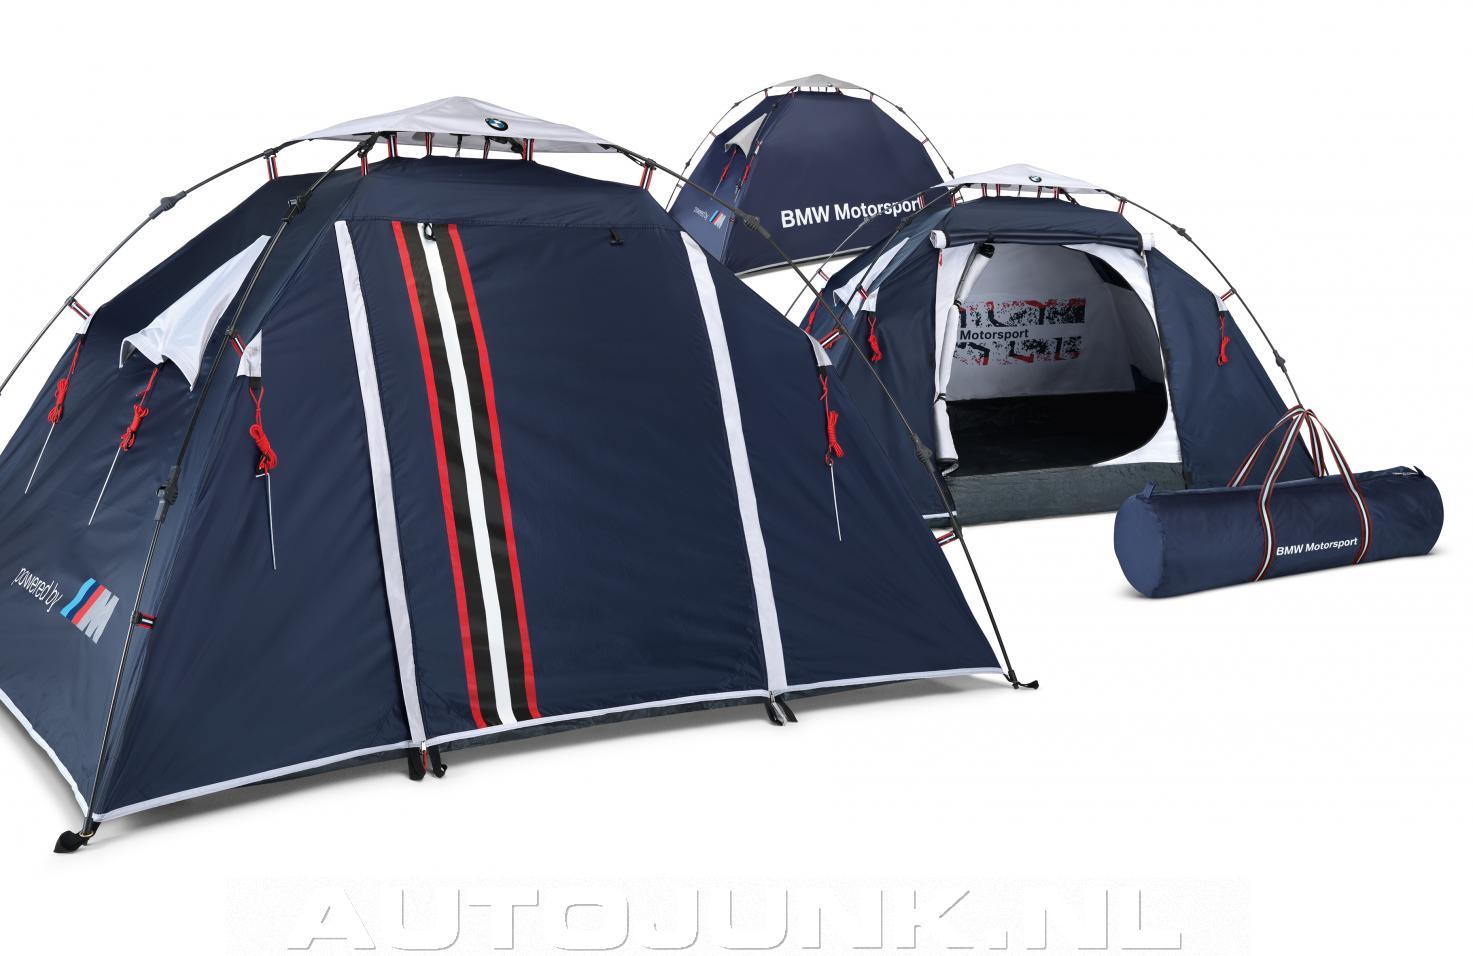 bmw motorsport tent foto 39 s 97469. Black Bedroom Furniture Sets. Home Design Ideas